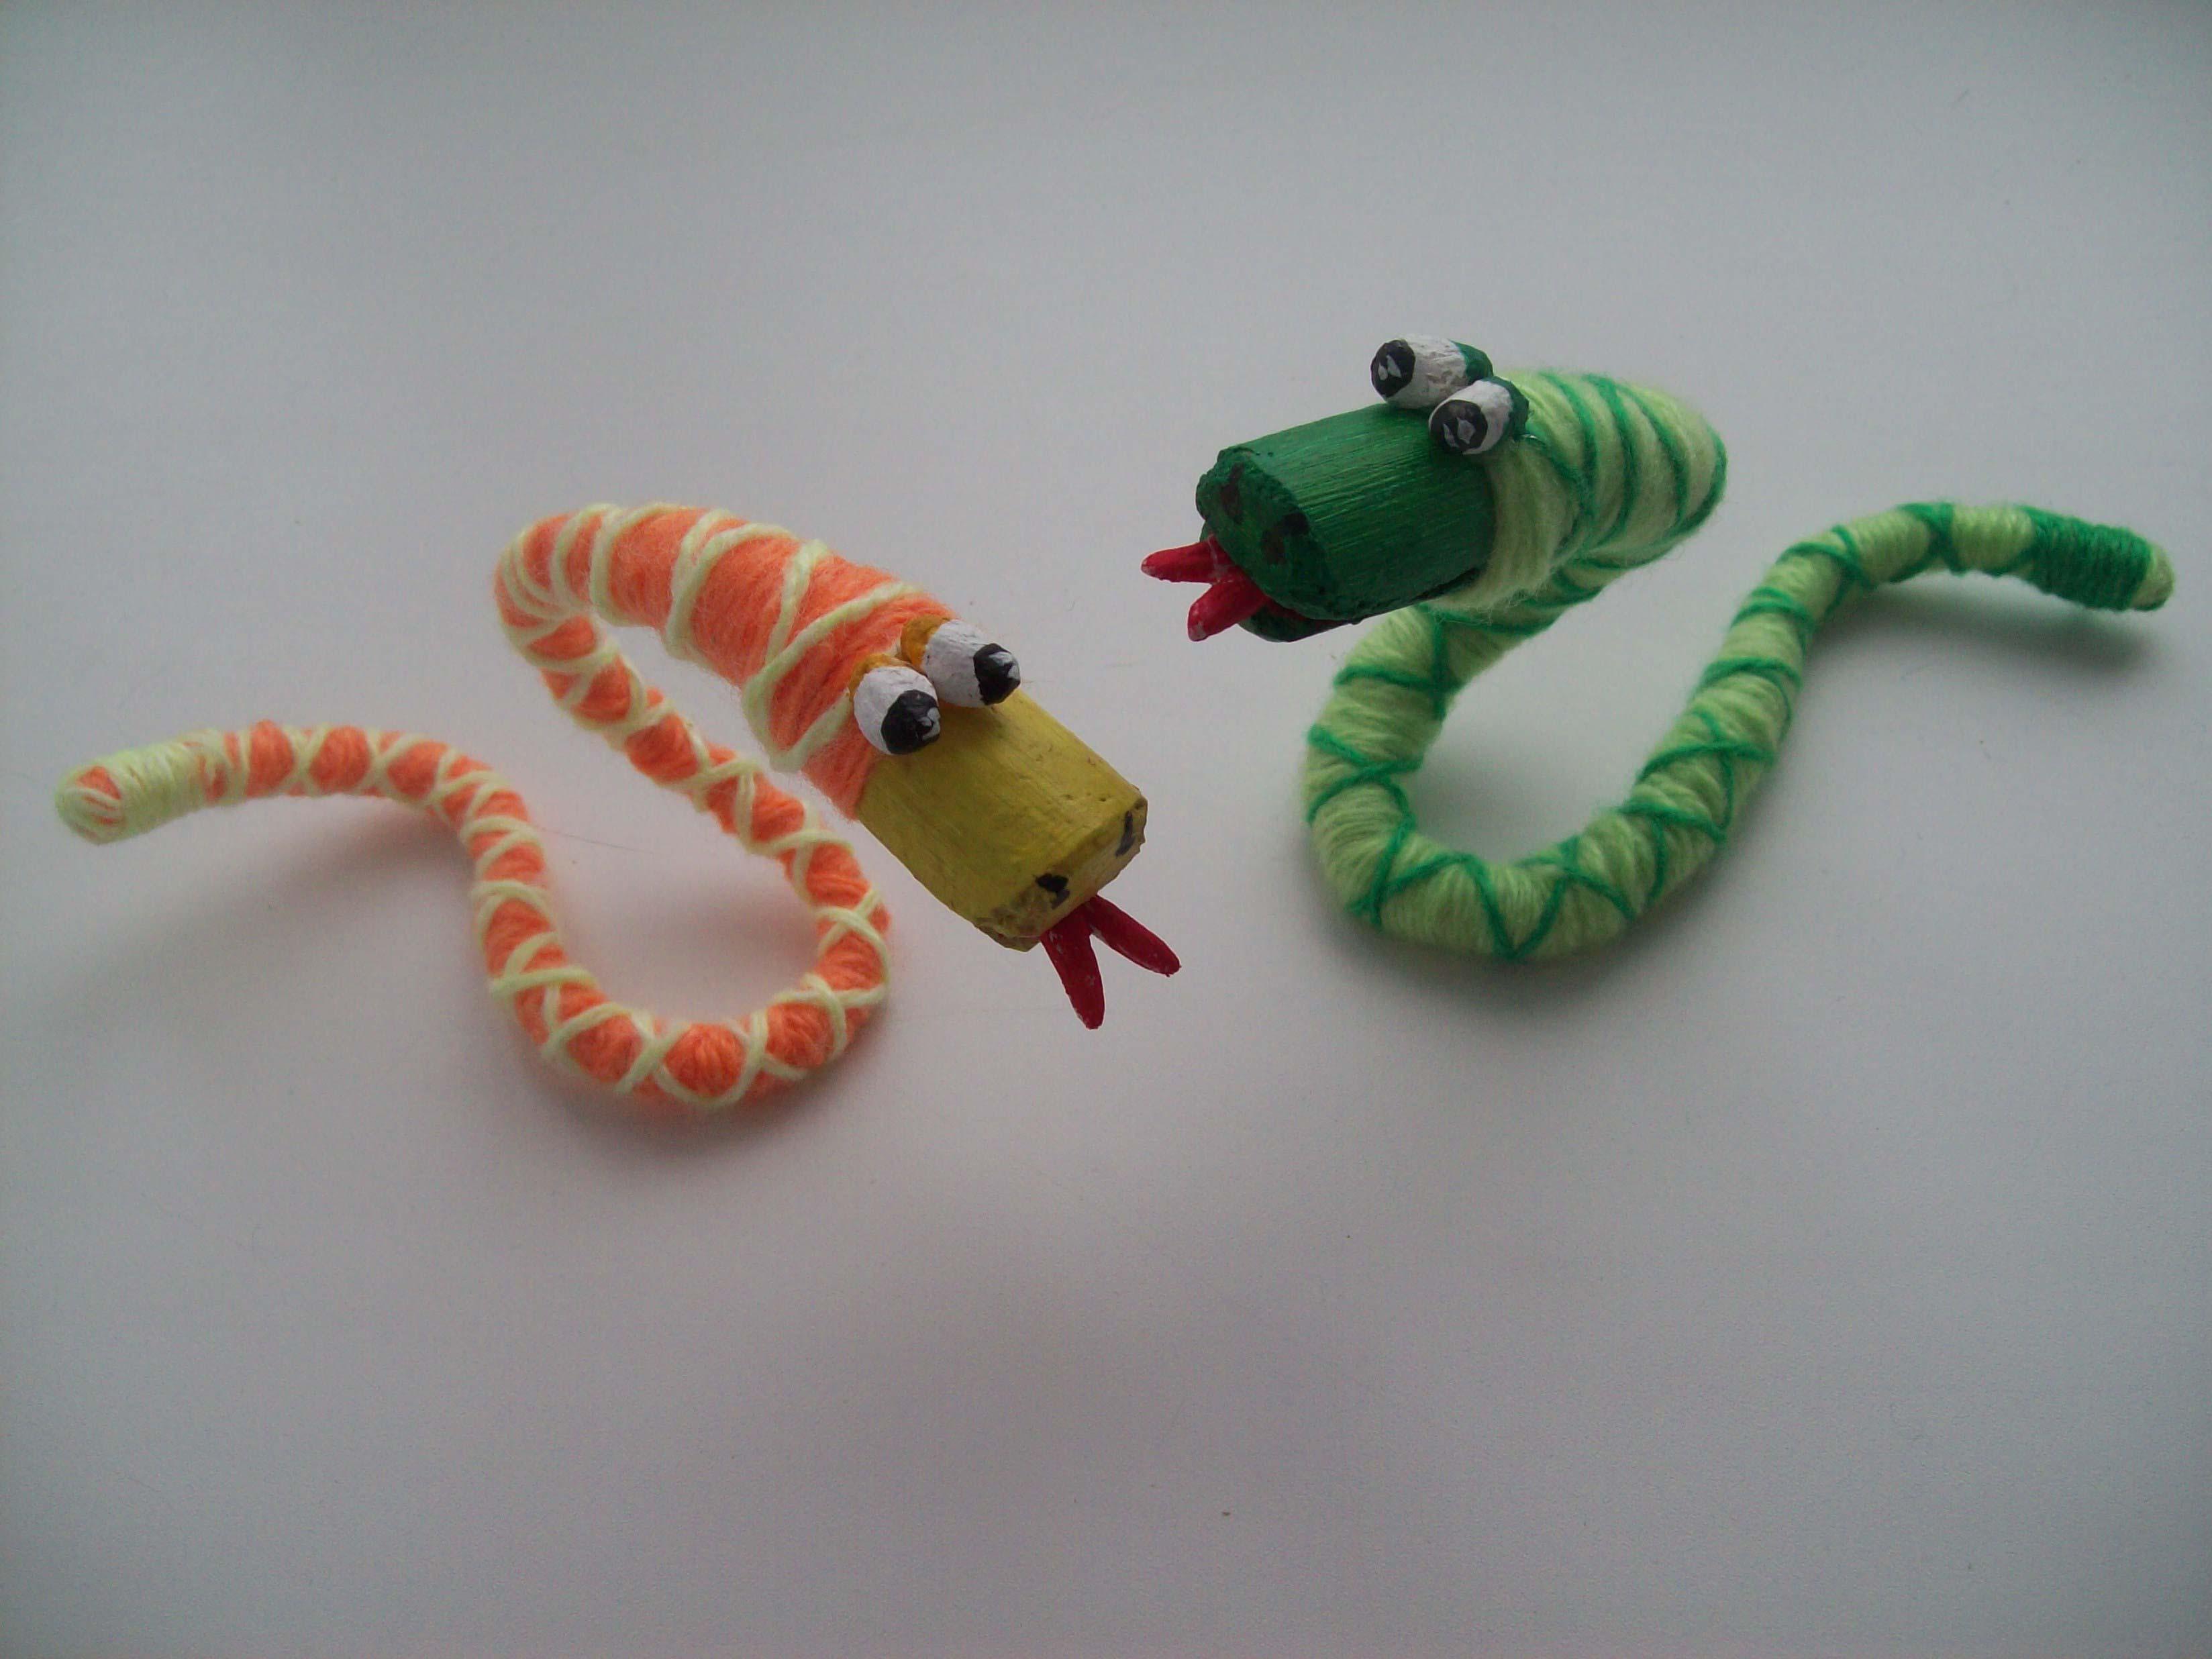 Змея из природных материалов своими руками